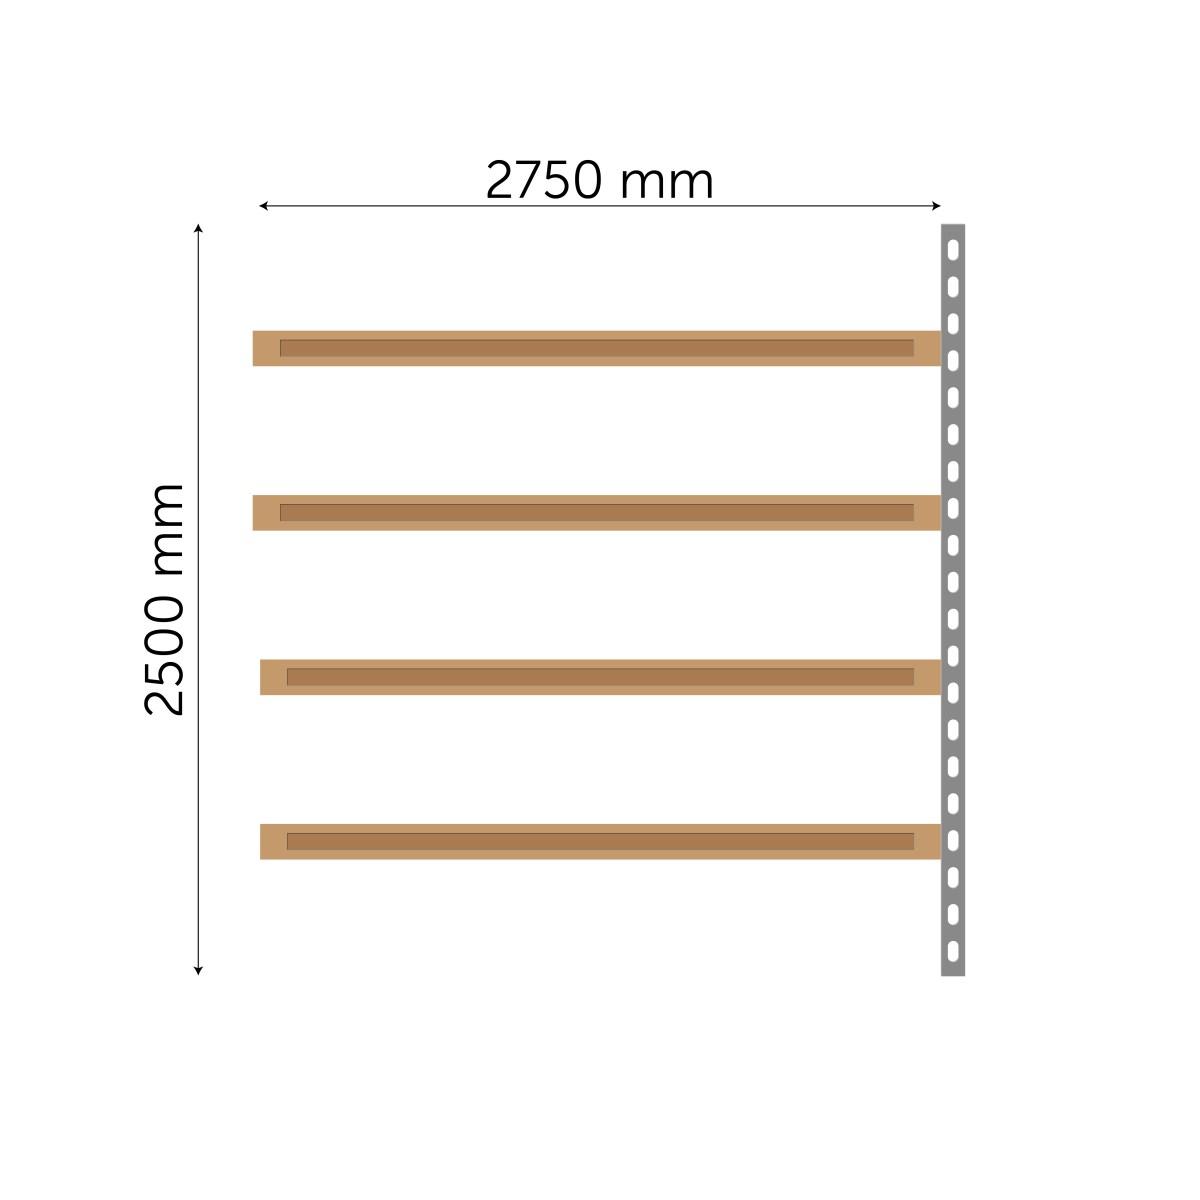 Meediumriiuli jätkuosa 2500x2750mm